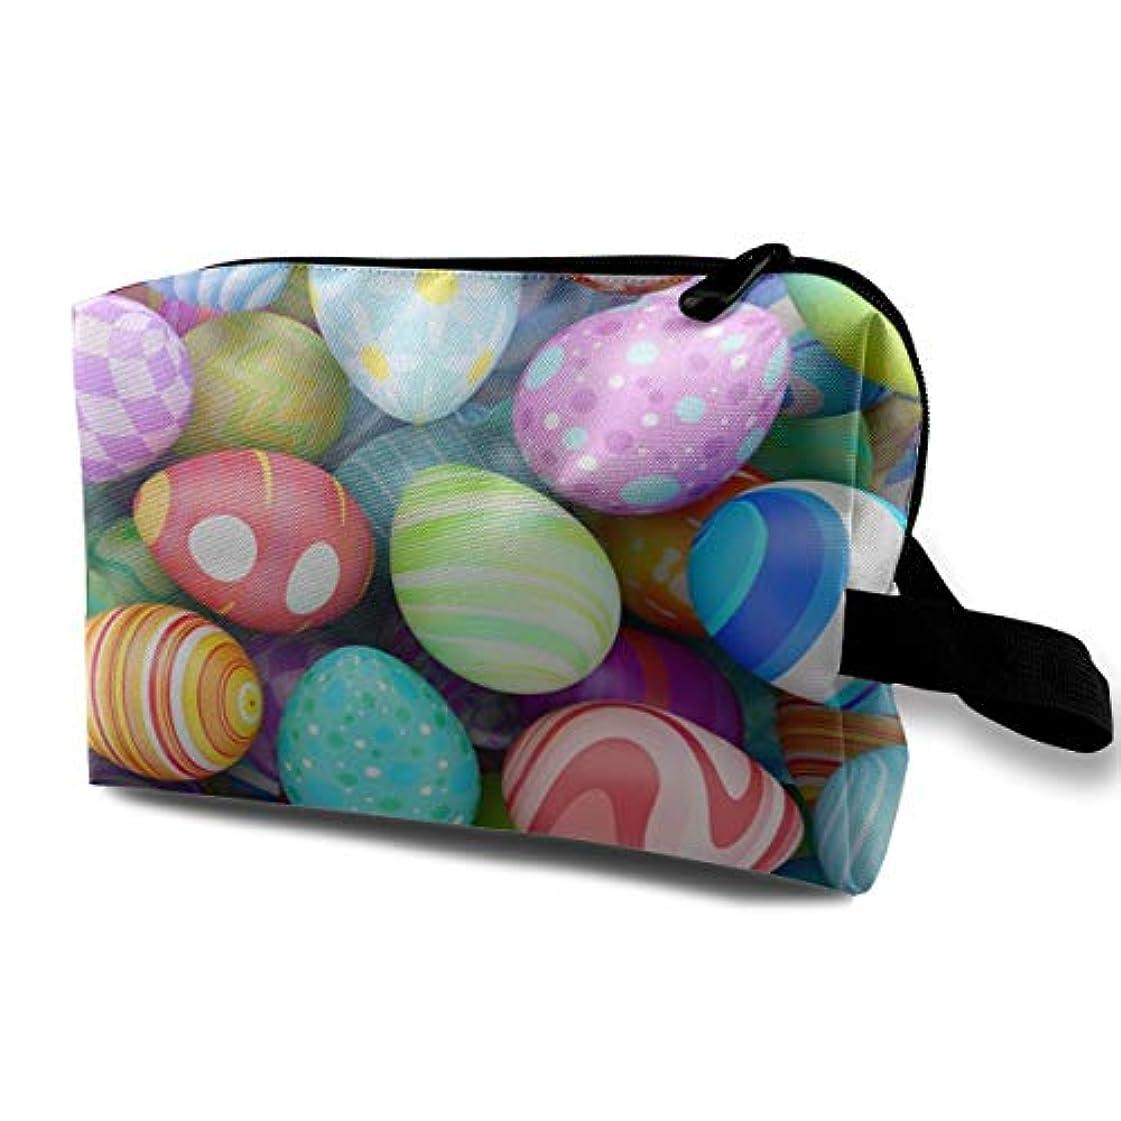 湿度ベスビオ山お香Colorful Beautiful Easter Eggs 収納ポーチ 化粧ポーチ 大容量 軽量 耐久性 ハンドル付持ち運び便利。入れ 自宅?出張?旅行?アウトドア撮影などに対応。メンズ レディース トラベルグッズ